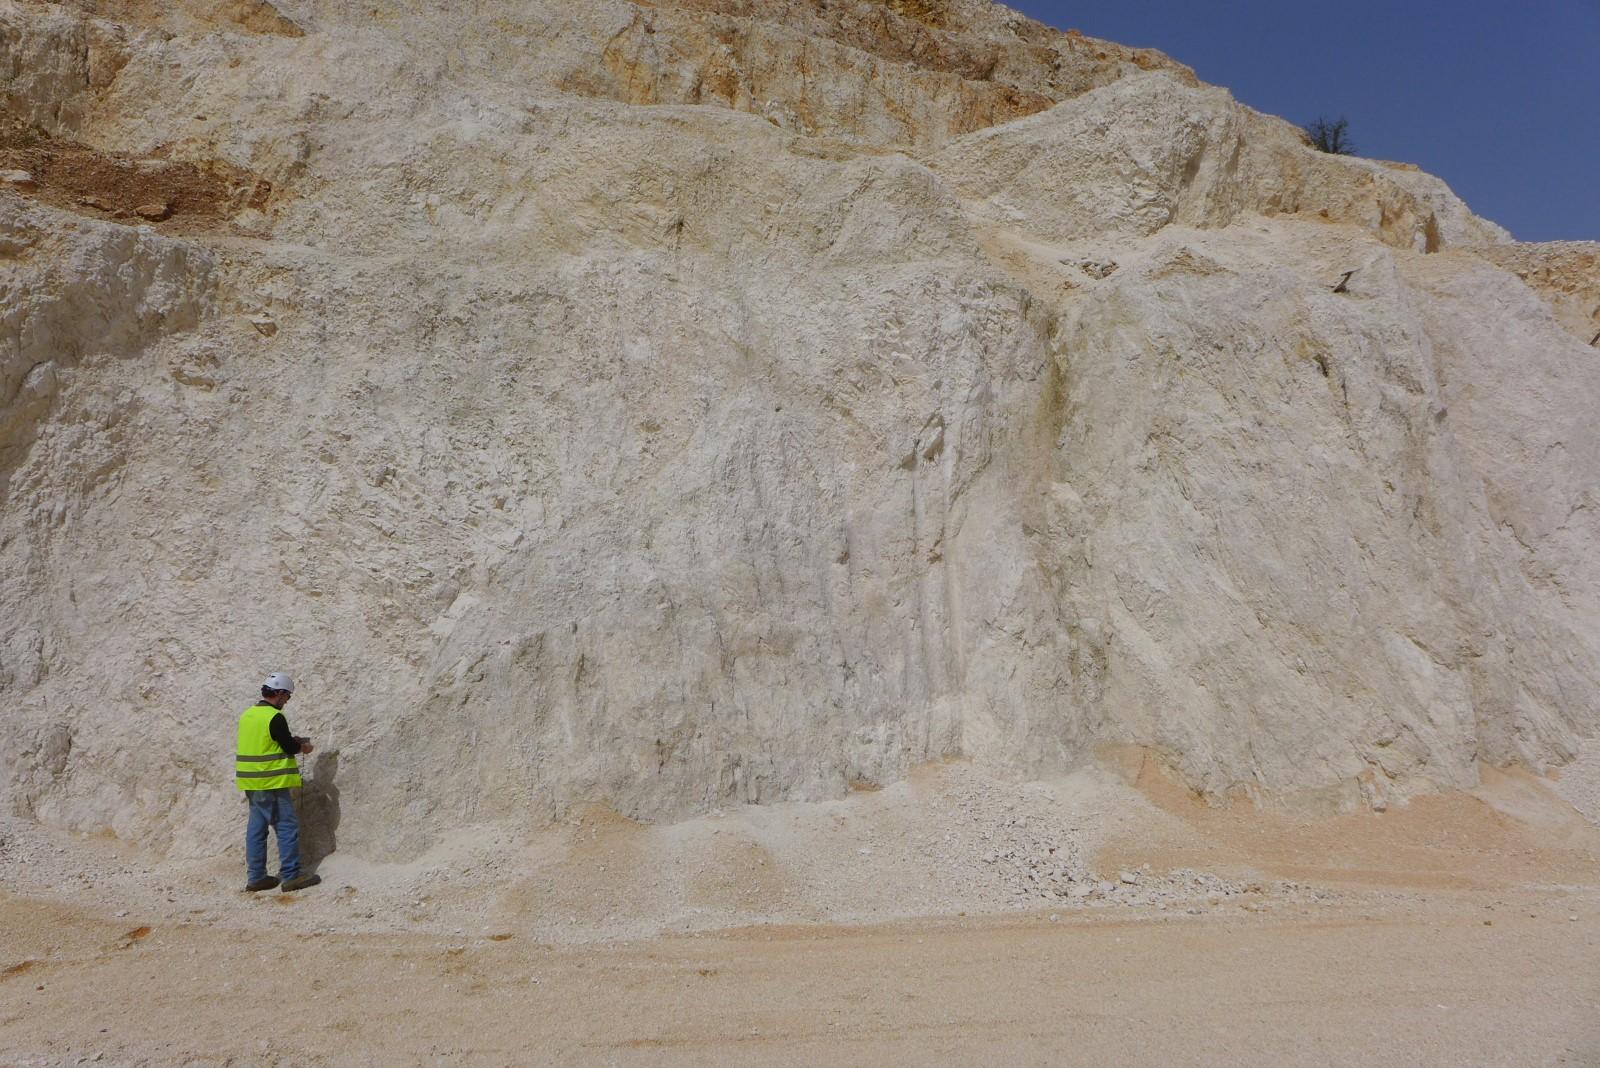 Rilevamento geologico su fronte di cava